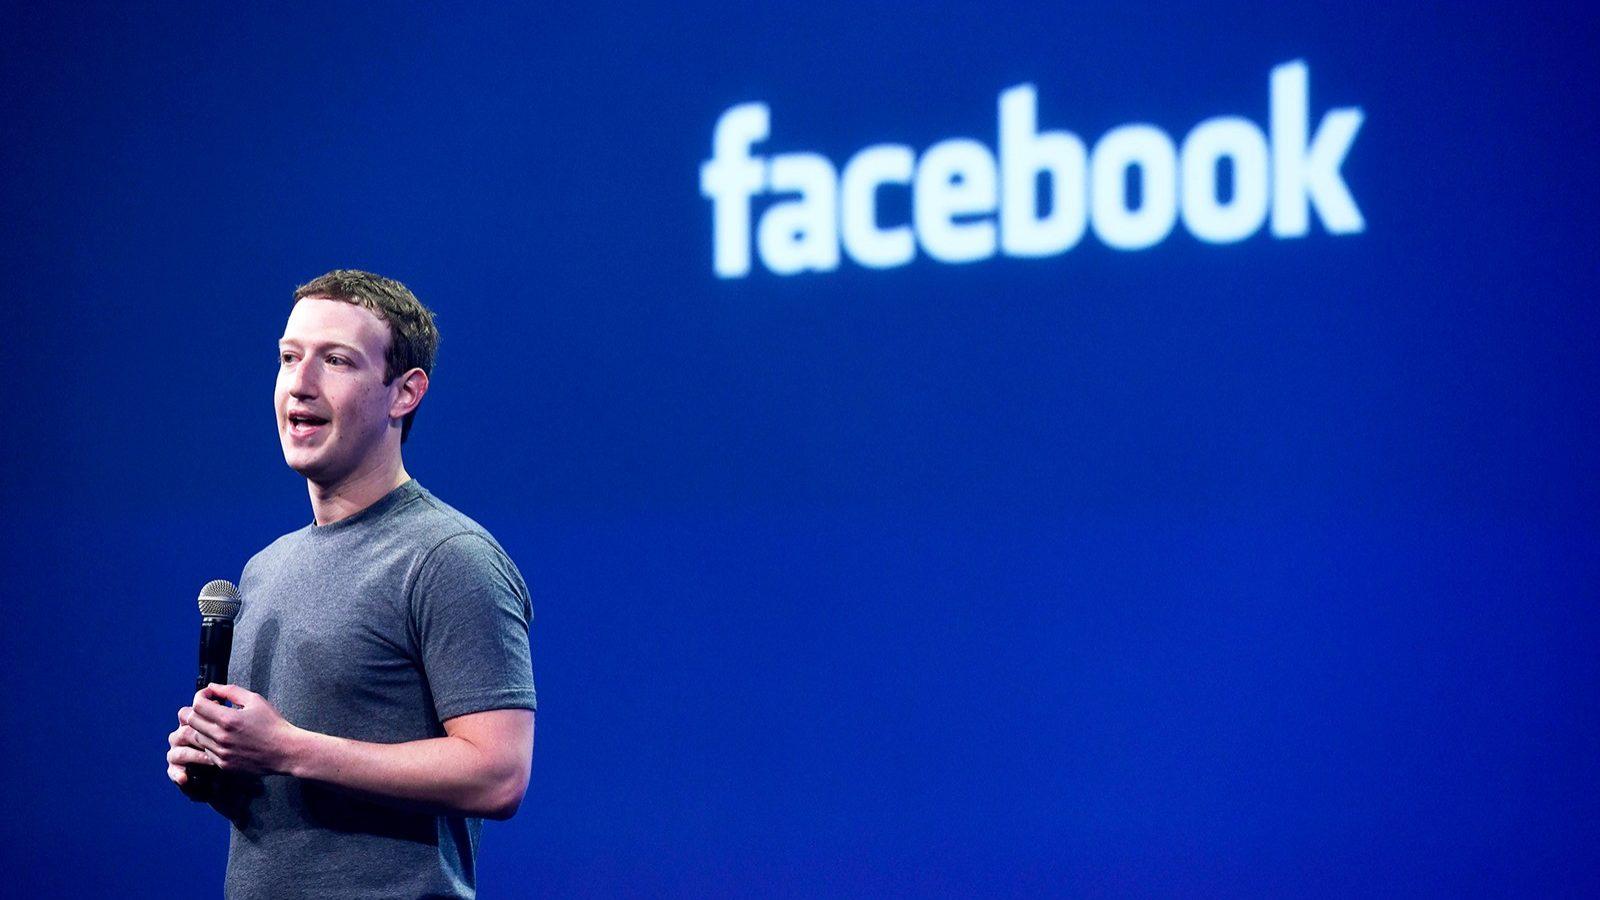 Facebook espera multa de 5 mil milhões nos EUA por violação de privacidade